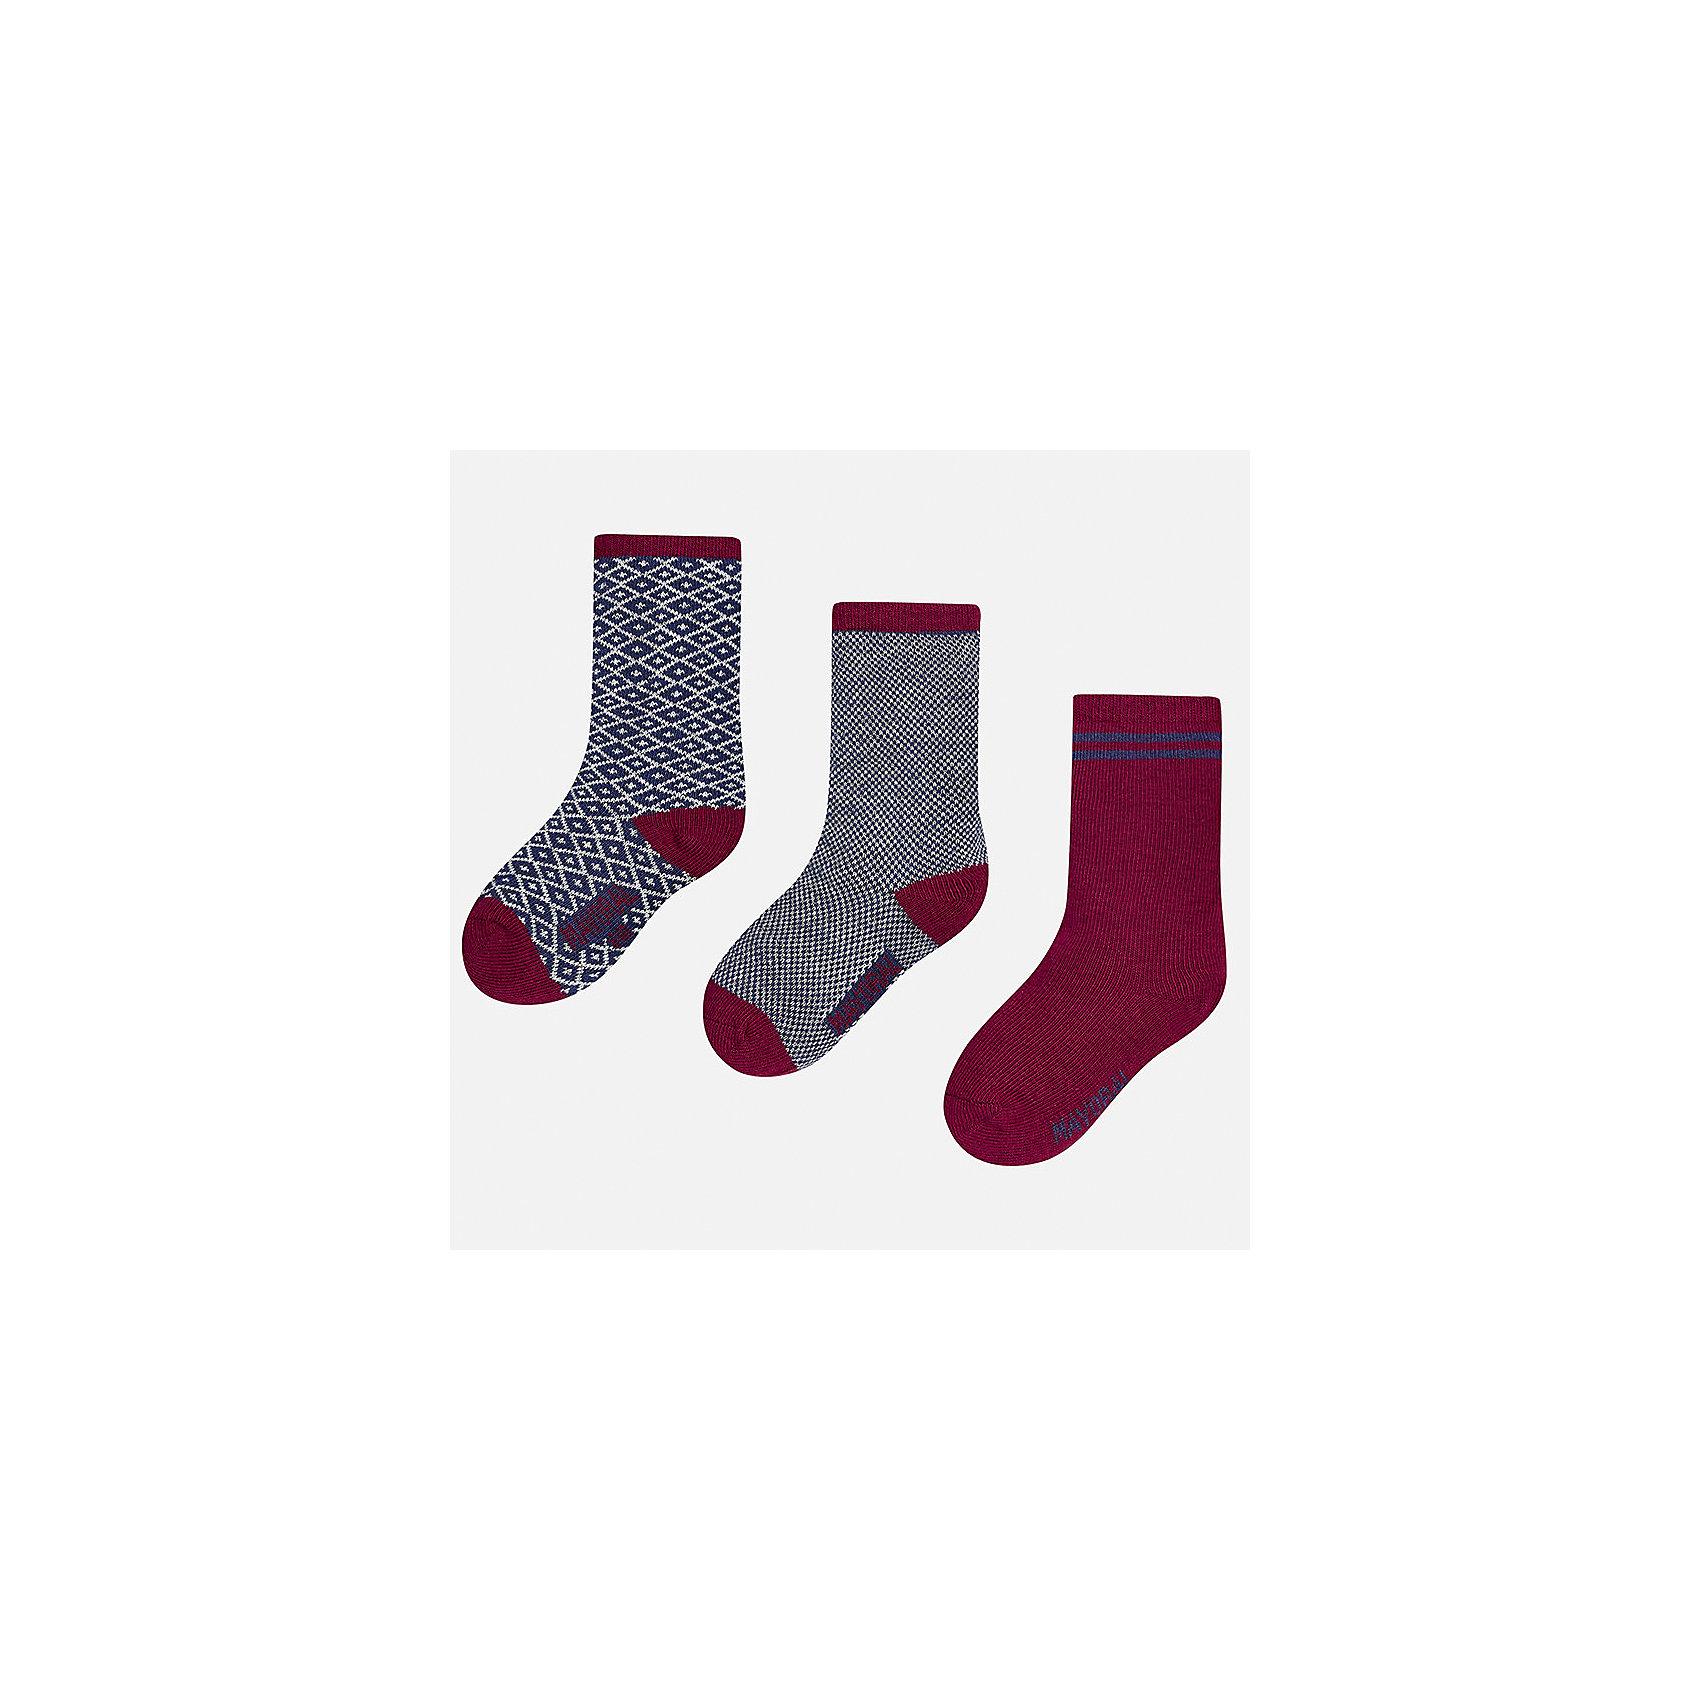 Носки (3 пары) для мальчика MayoralНоски<br>Характеристики товара:<br><br>• цвет: серый/бордовый<br>• состав ткани: 75% хлопок, 22% полиамид, 3% эластан<br>• сезон: круглый год<br>• комплектация: 3 пары<br>• страна бренда: Испания<br>• страна изготовитель: Индия<br><br>Детские носки от популярного испанского бренда Mayoral состоят преимущественно из натурального дышащего хлопка. Носки для детей комфортно сидят благодаря мягкой резинке. Для производства детской одежды, в том числе и носков для детей, популярный бренд Mayoral используют только качественную фурнитуру и материалы. Оригинальные и модные вещи от Майорал неизменно привлекают внимание и нравятся детям.<br><br>Носки (3 пары) для мальчика Mayoral (Майорал) можно купить в нашем интернет-магазине.<br><br>Ширина мм: 87<br>Глубина мм: 10<br>Высота мм: 105<br>Вес г: 115<br>Цвет: разноцветный<br>Возраст от месяцев: 18<br>Возраст до месяцев: 24<br>Пол: Мужской<br>Возраст: Детский<br>Размер: 22-24,19-22<br>SKU: 6939049